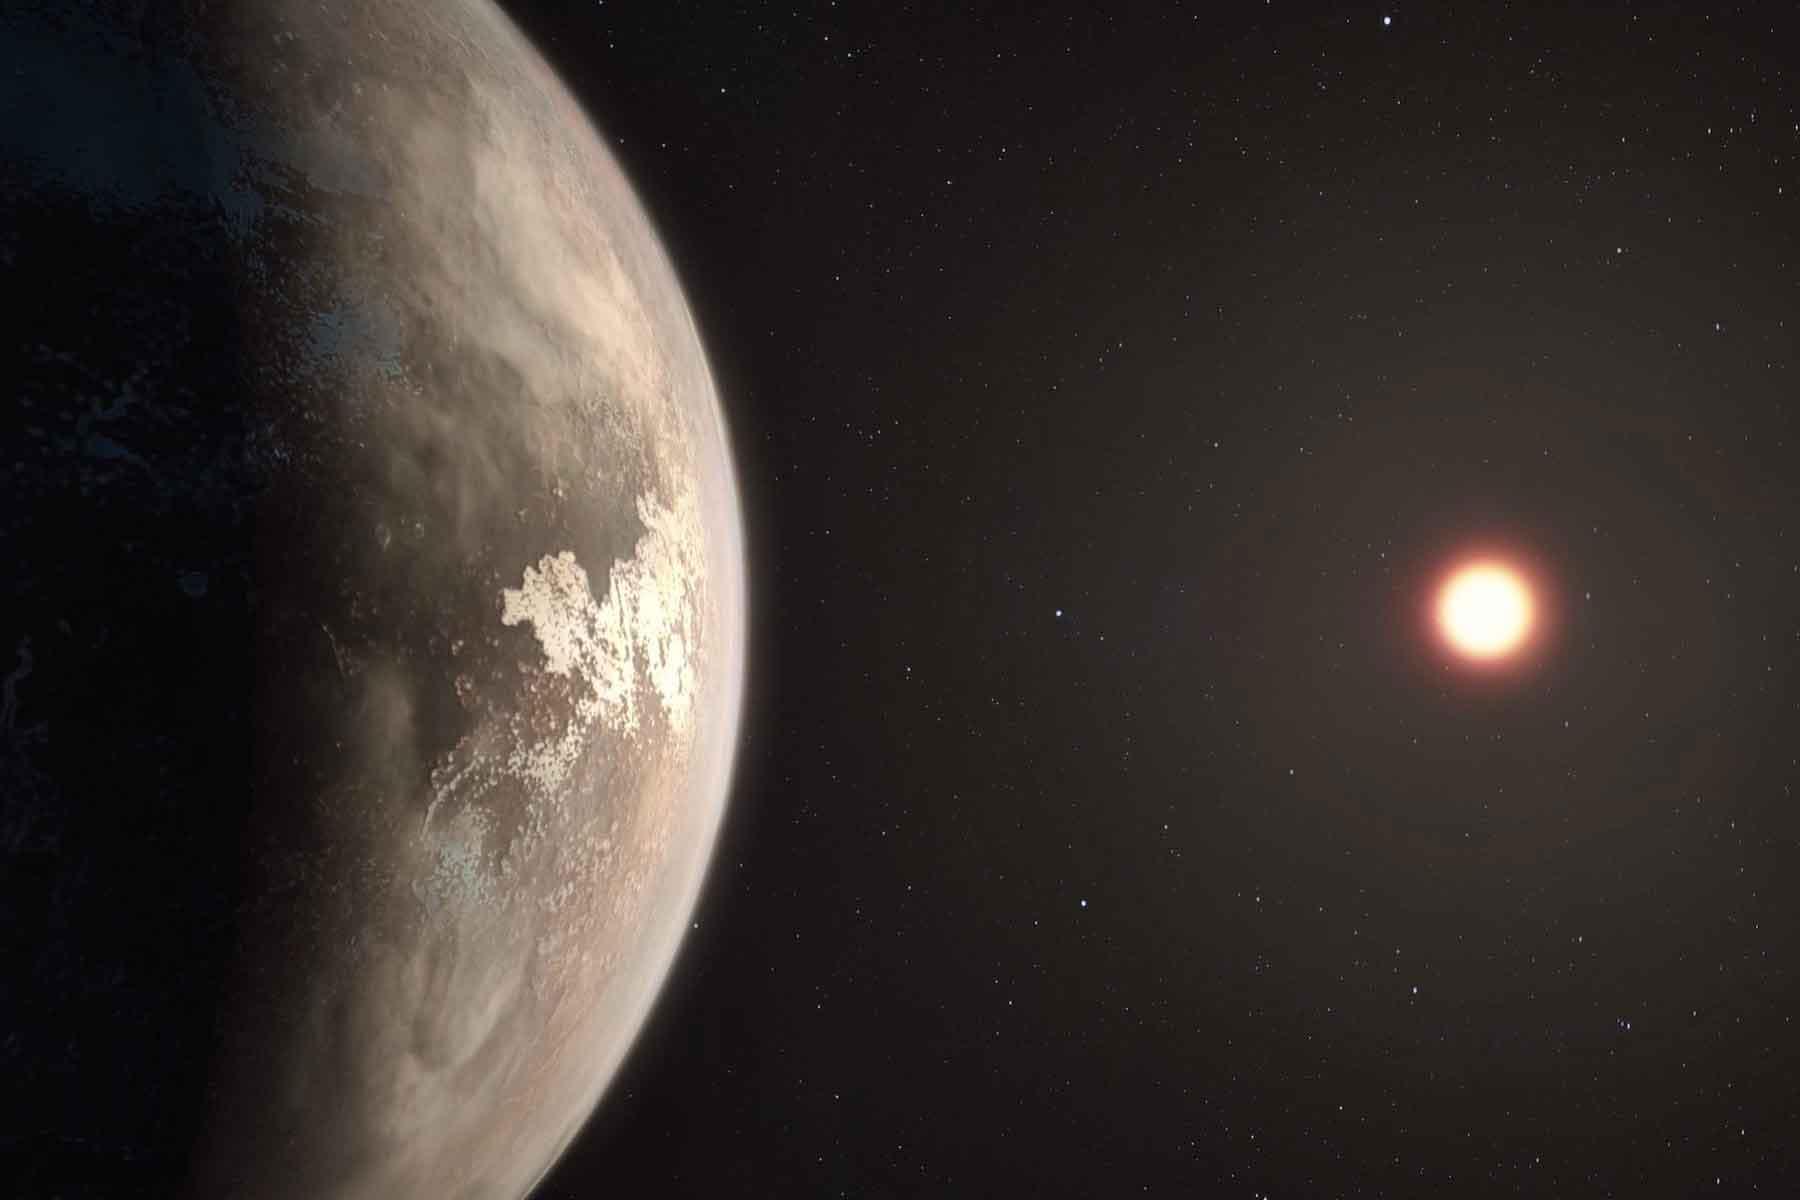 Экзопланета Ross 128 b в представлении художника